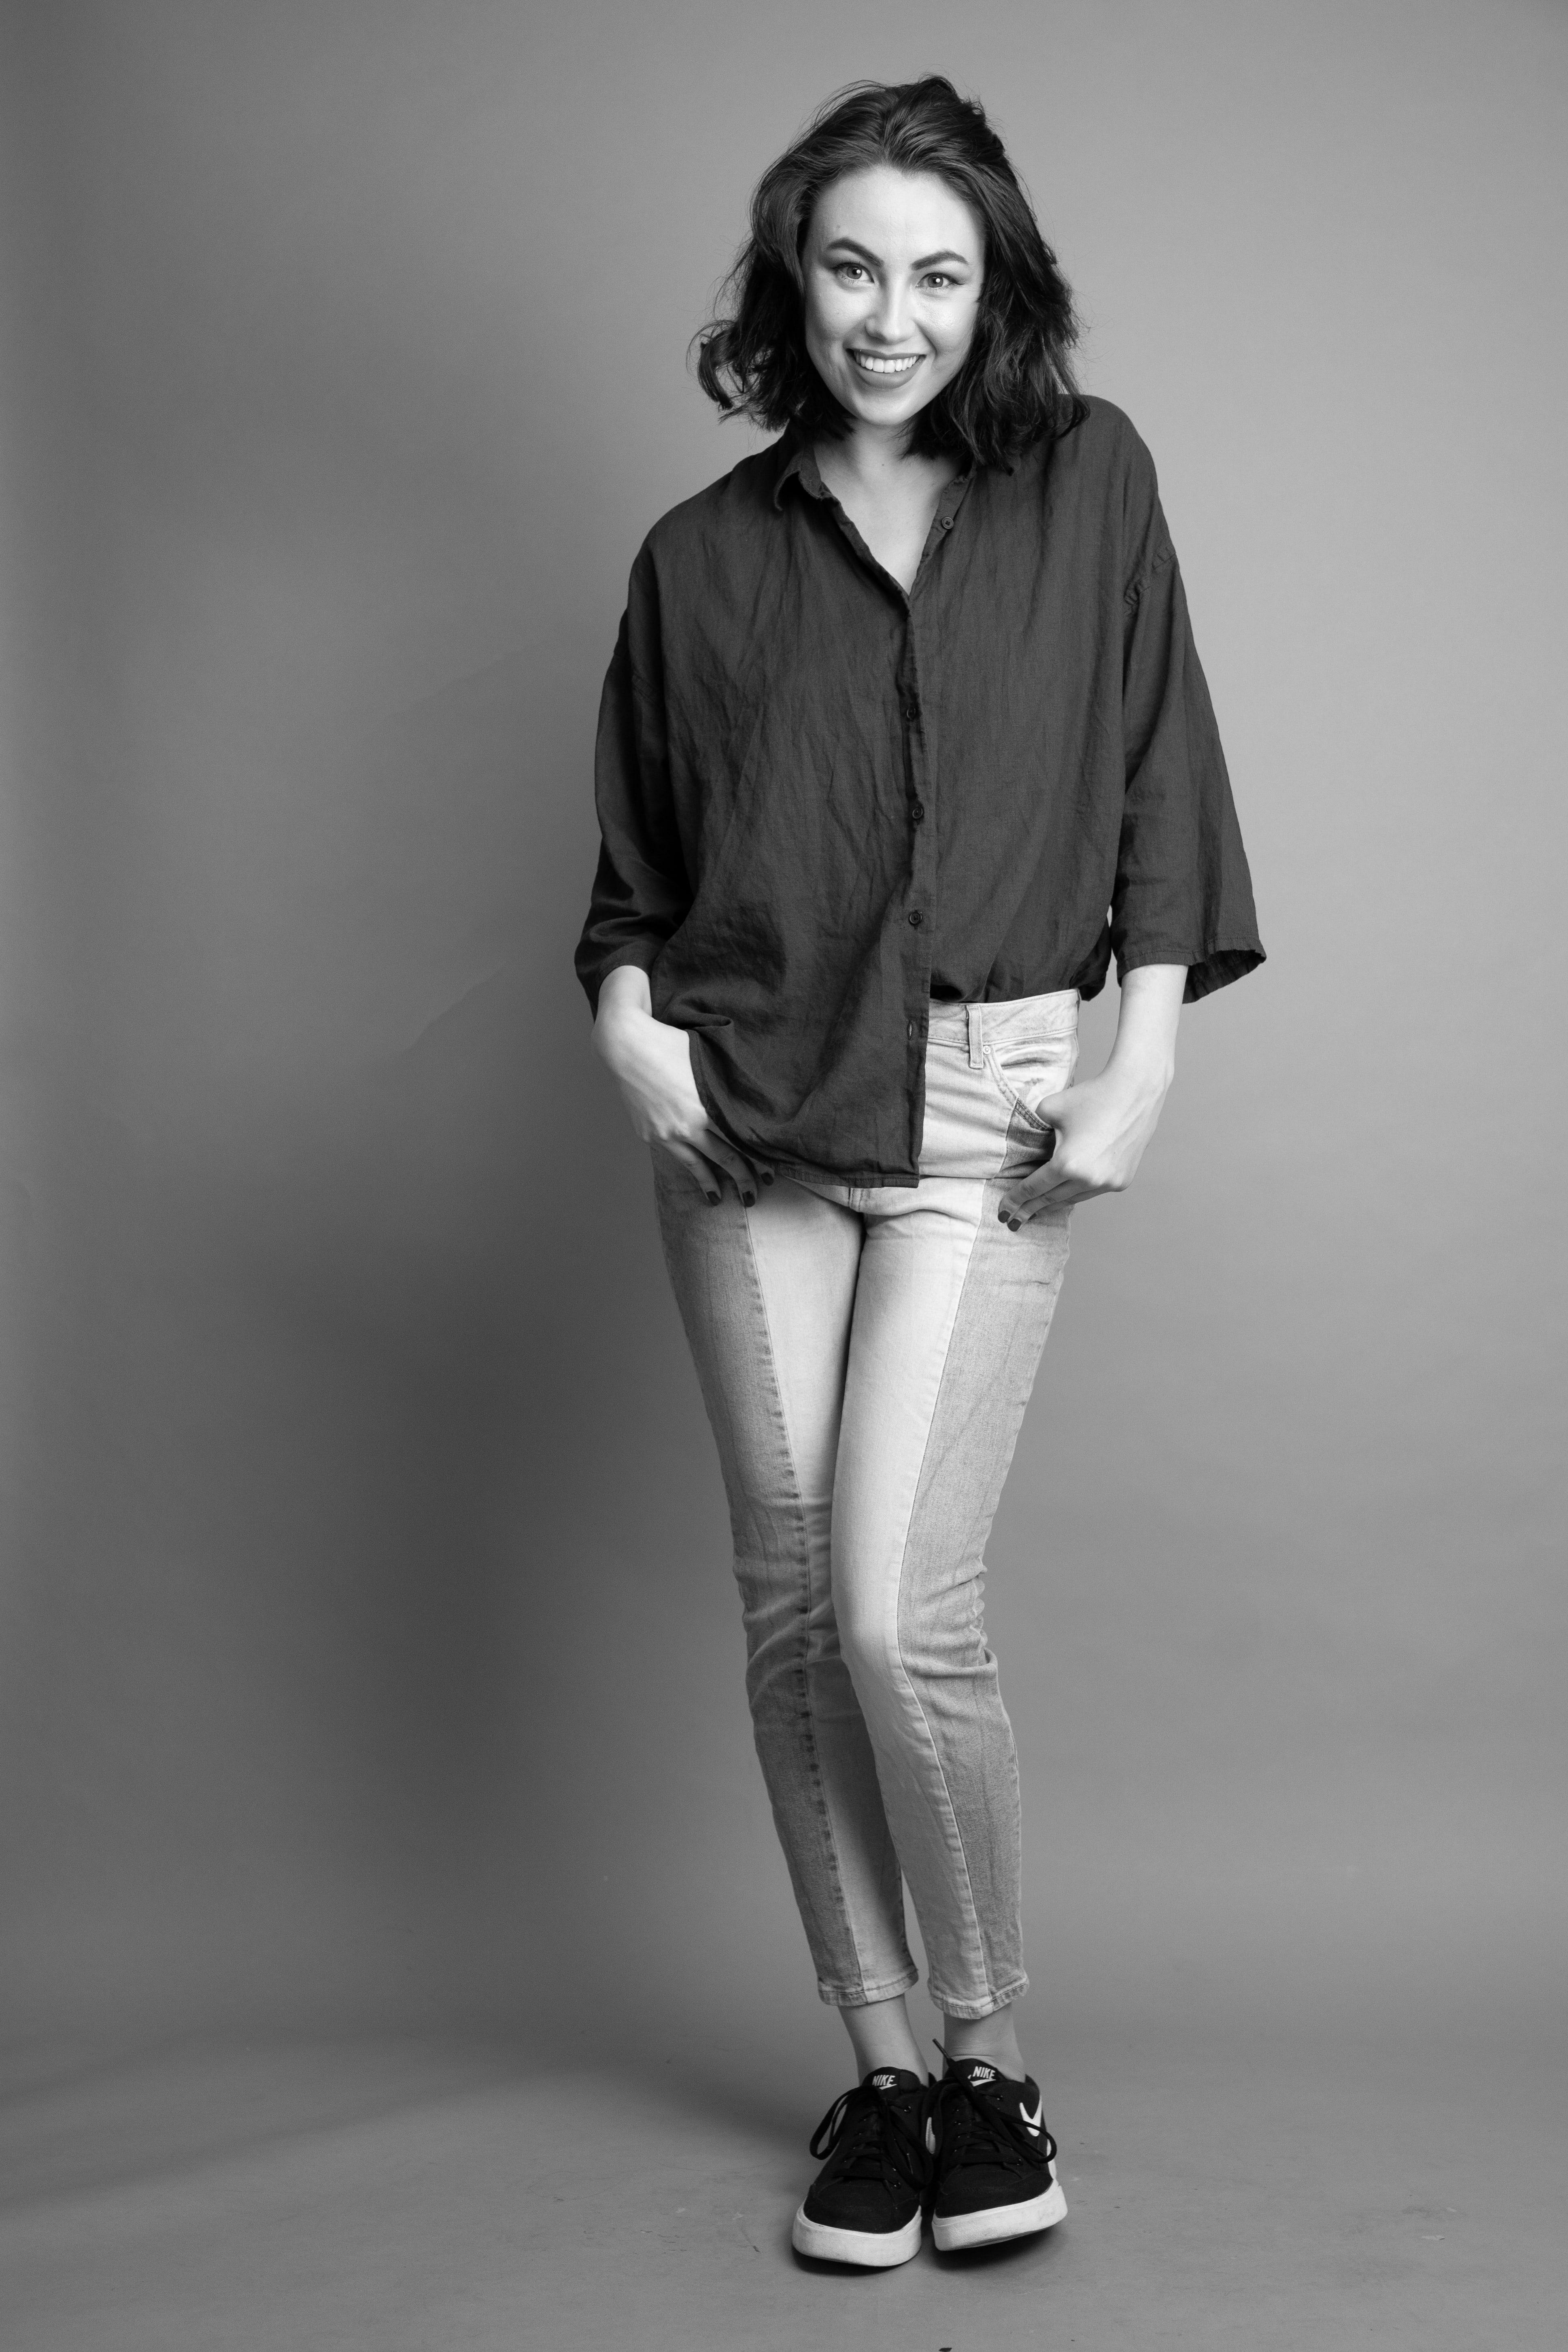 外国人モデル フィーニーの写真9